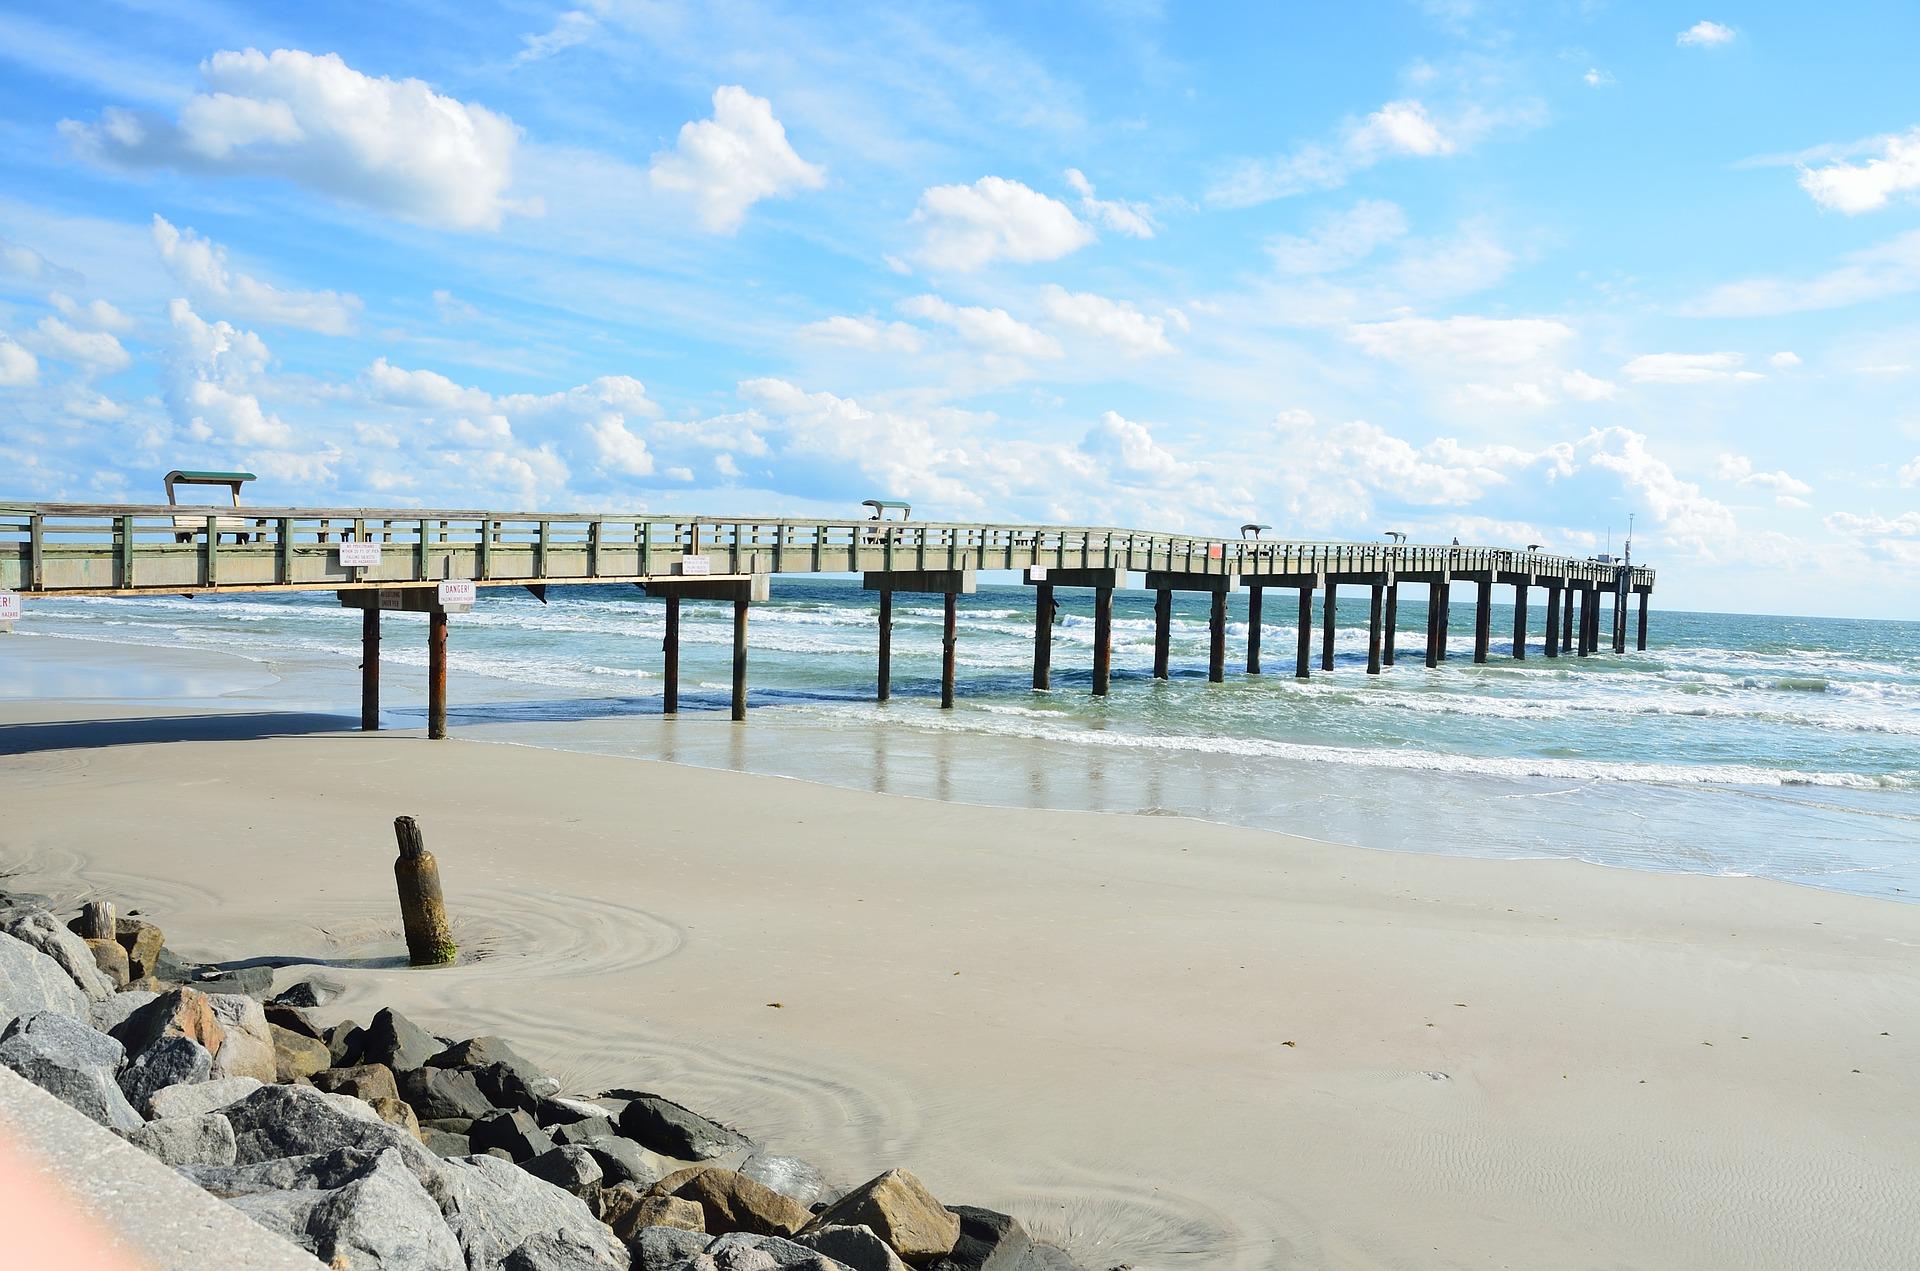 st-augustine-beach-1553501_1920